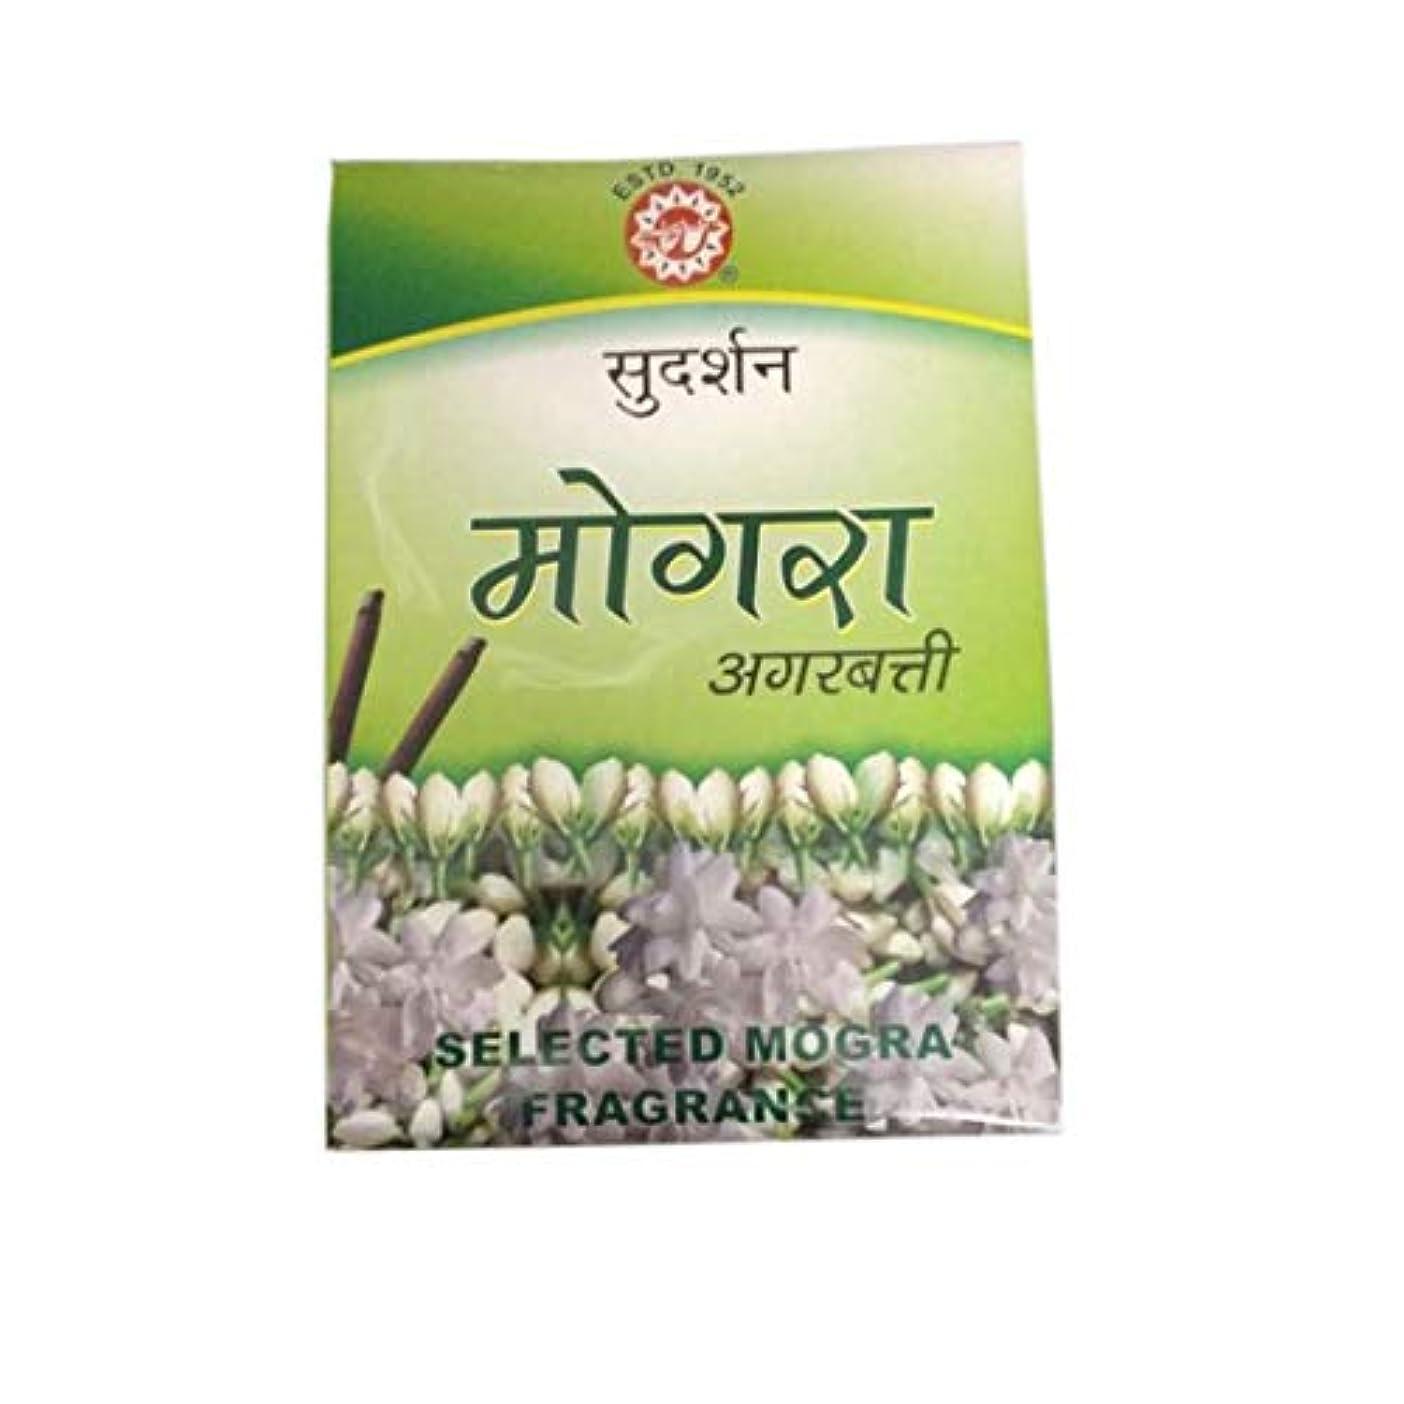 マインド独占パックSudarshan Mogra Agarbatti - 12 Sticks Packet 1 Box Fragrance Incense Sticks for Positivity & Freshness Lavender...